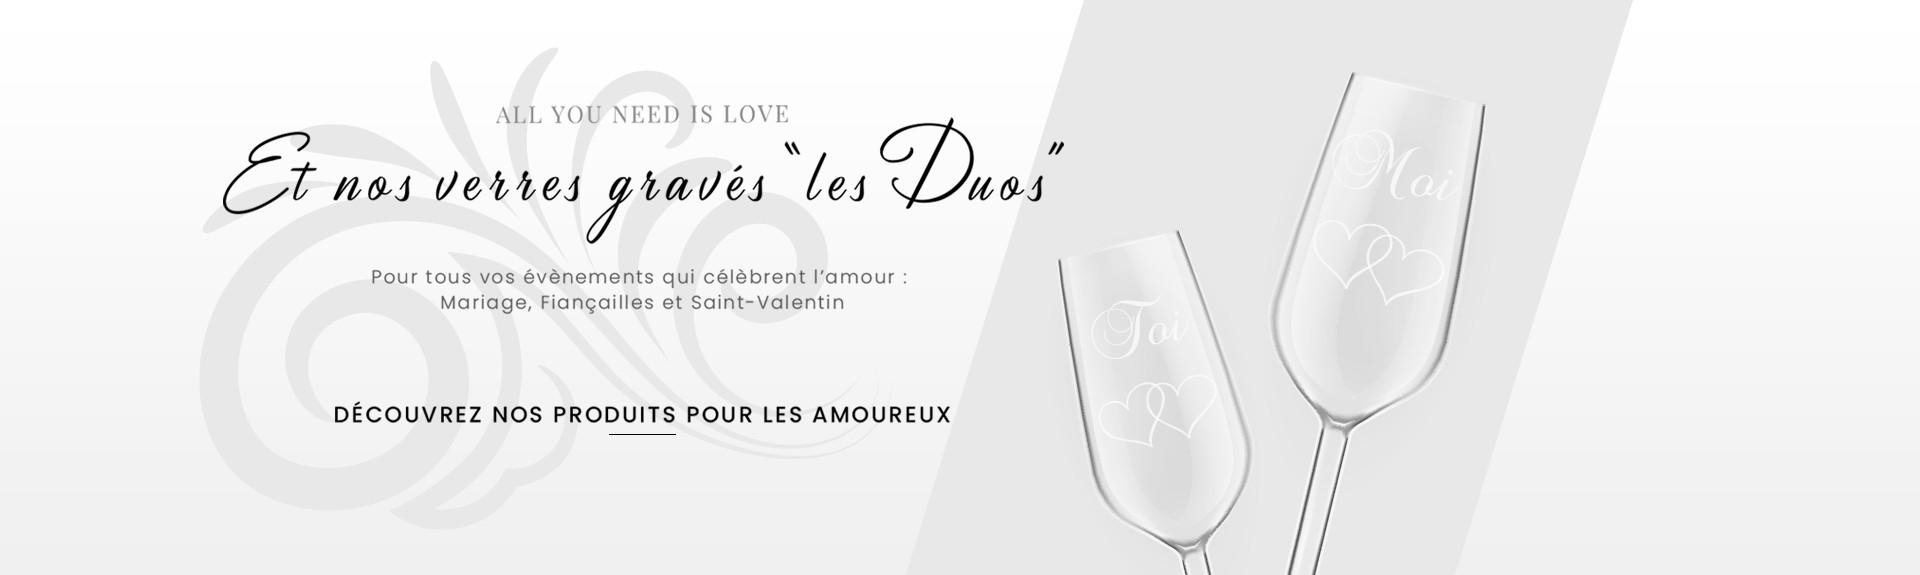 Nos verres gravés pour tous les évènements qui célèbrent l'amour